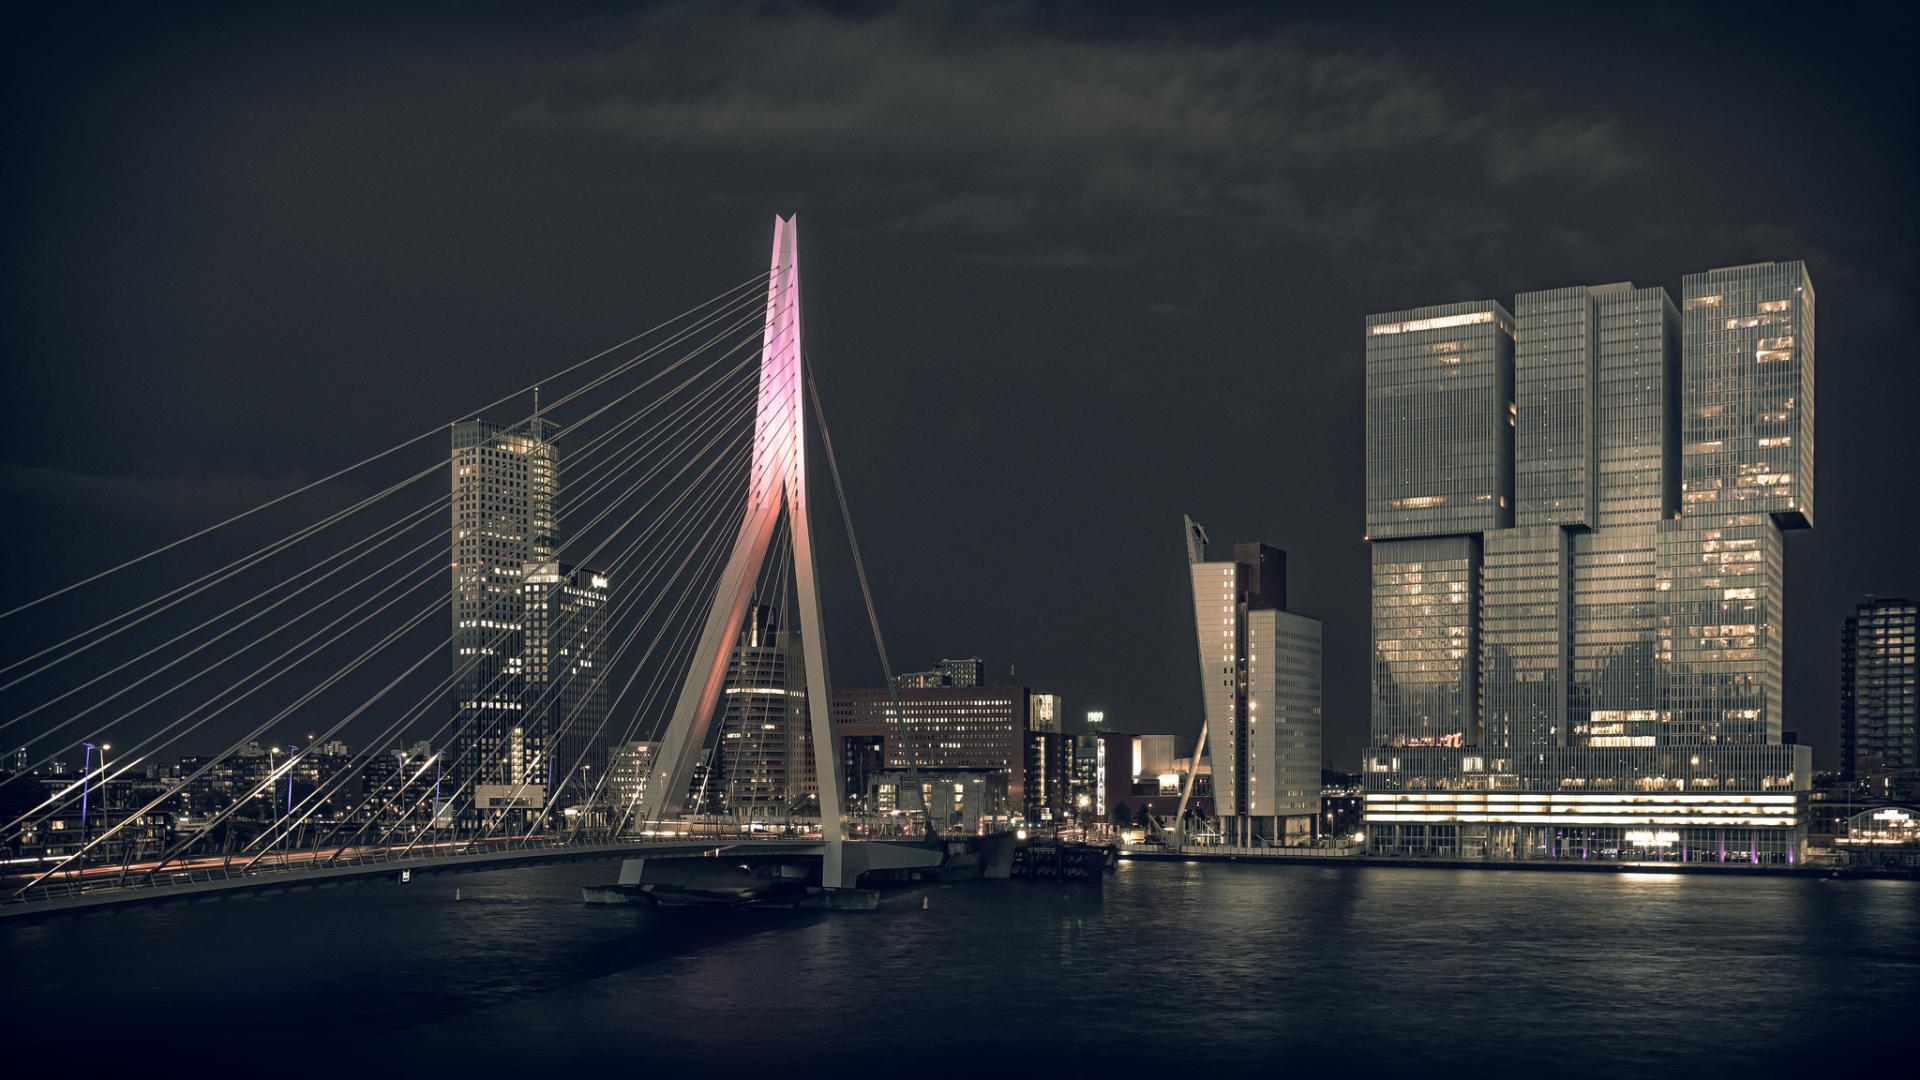 building rotterdam architecture night river netherlands cityscape skyscraper bridge